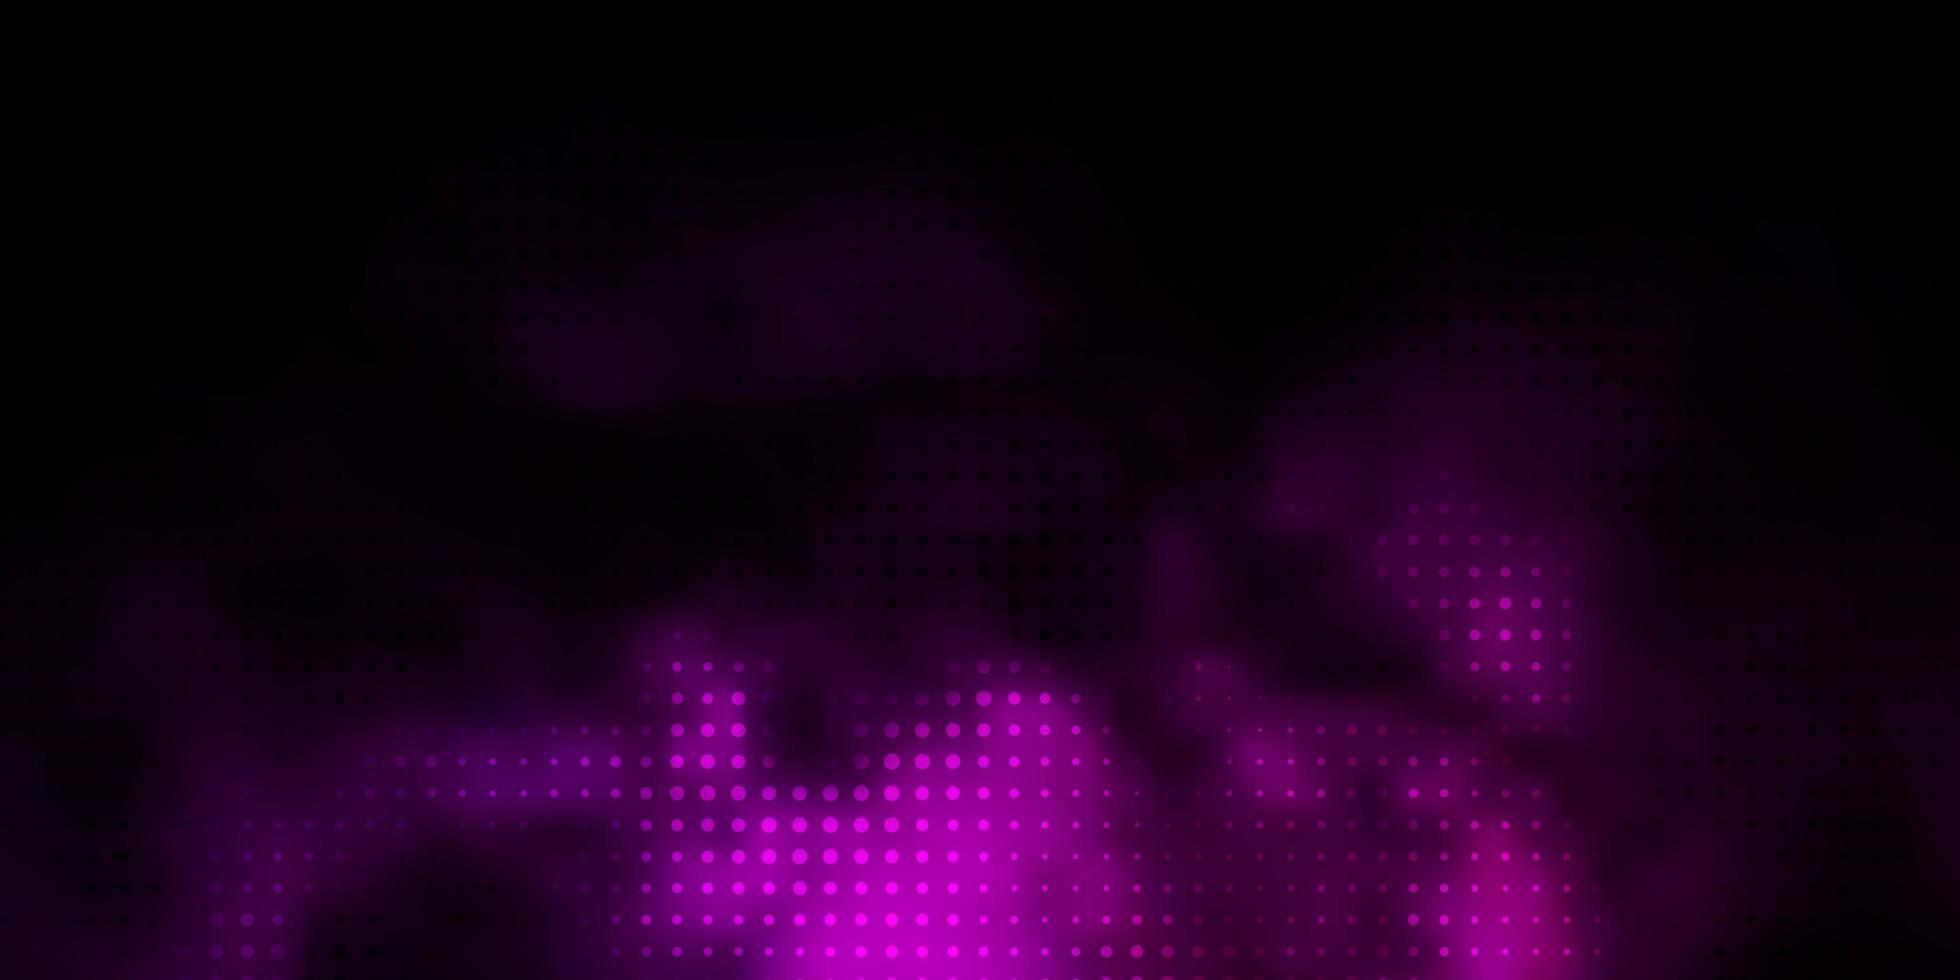 dunkelviolette Vektortextur mit Scheiben. vektor